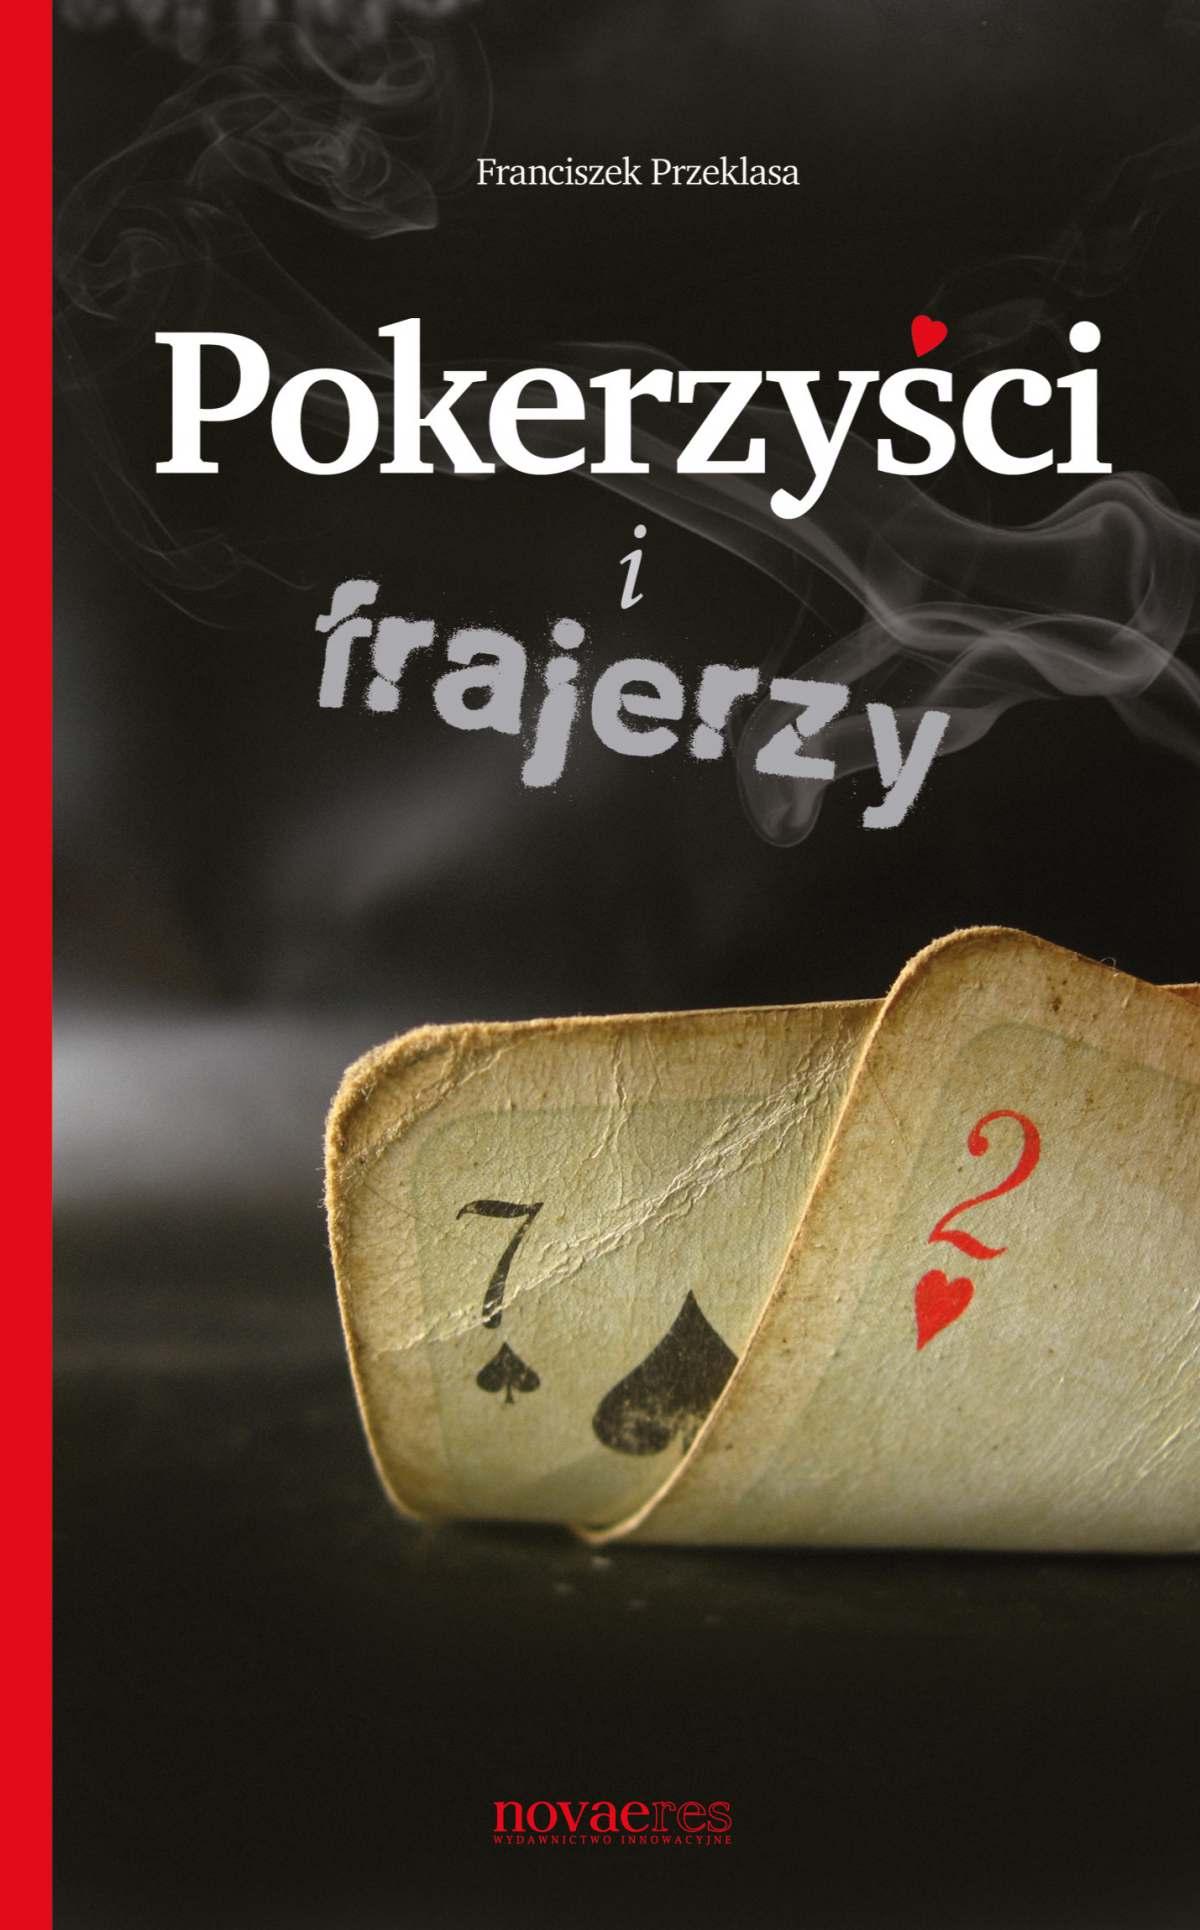 Pokerzyści i frajerzy - Ebook (Książka EPUB) do pobrania w formacie EPUB